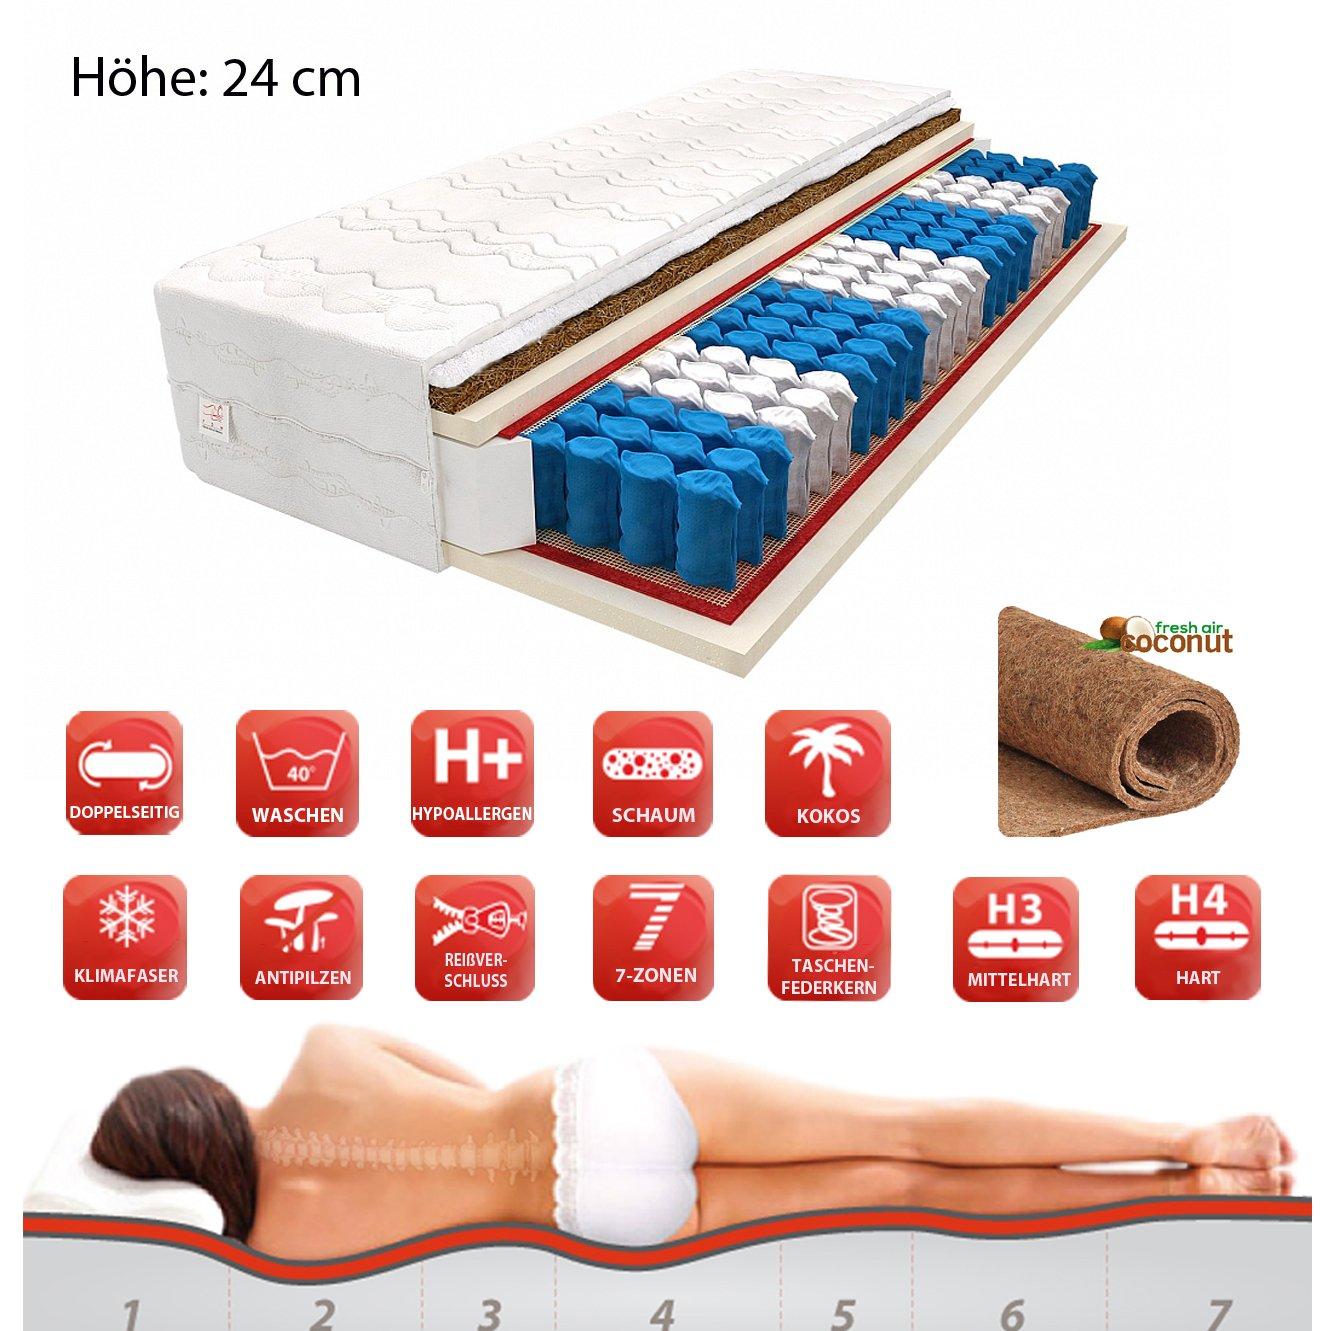 FDM MATRATZE 7 ZONEN 80x200 90x200 100x200 120x200 140x200 Premium TASCHENFEDERKERN KOKOS H3 H4 24 cm (140x200, Weiß)